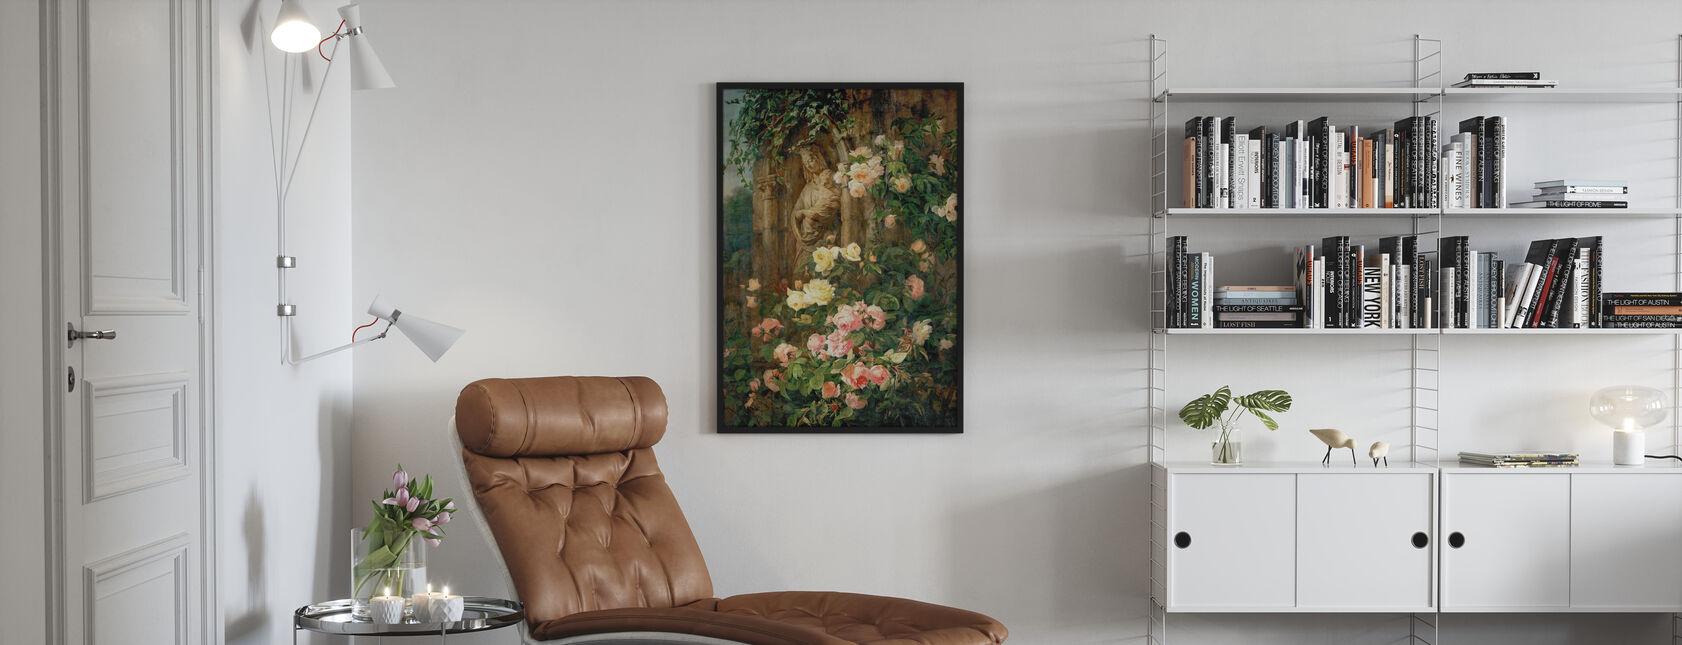 Mother Mary Rose Flower - Simon Saint Jean - Poster - Living Room